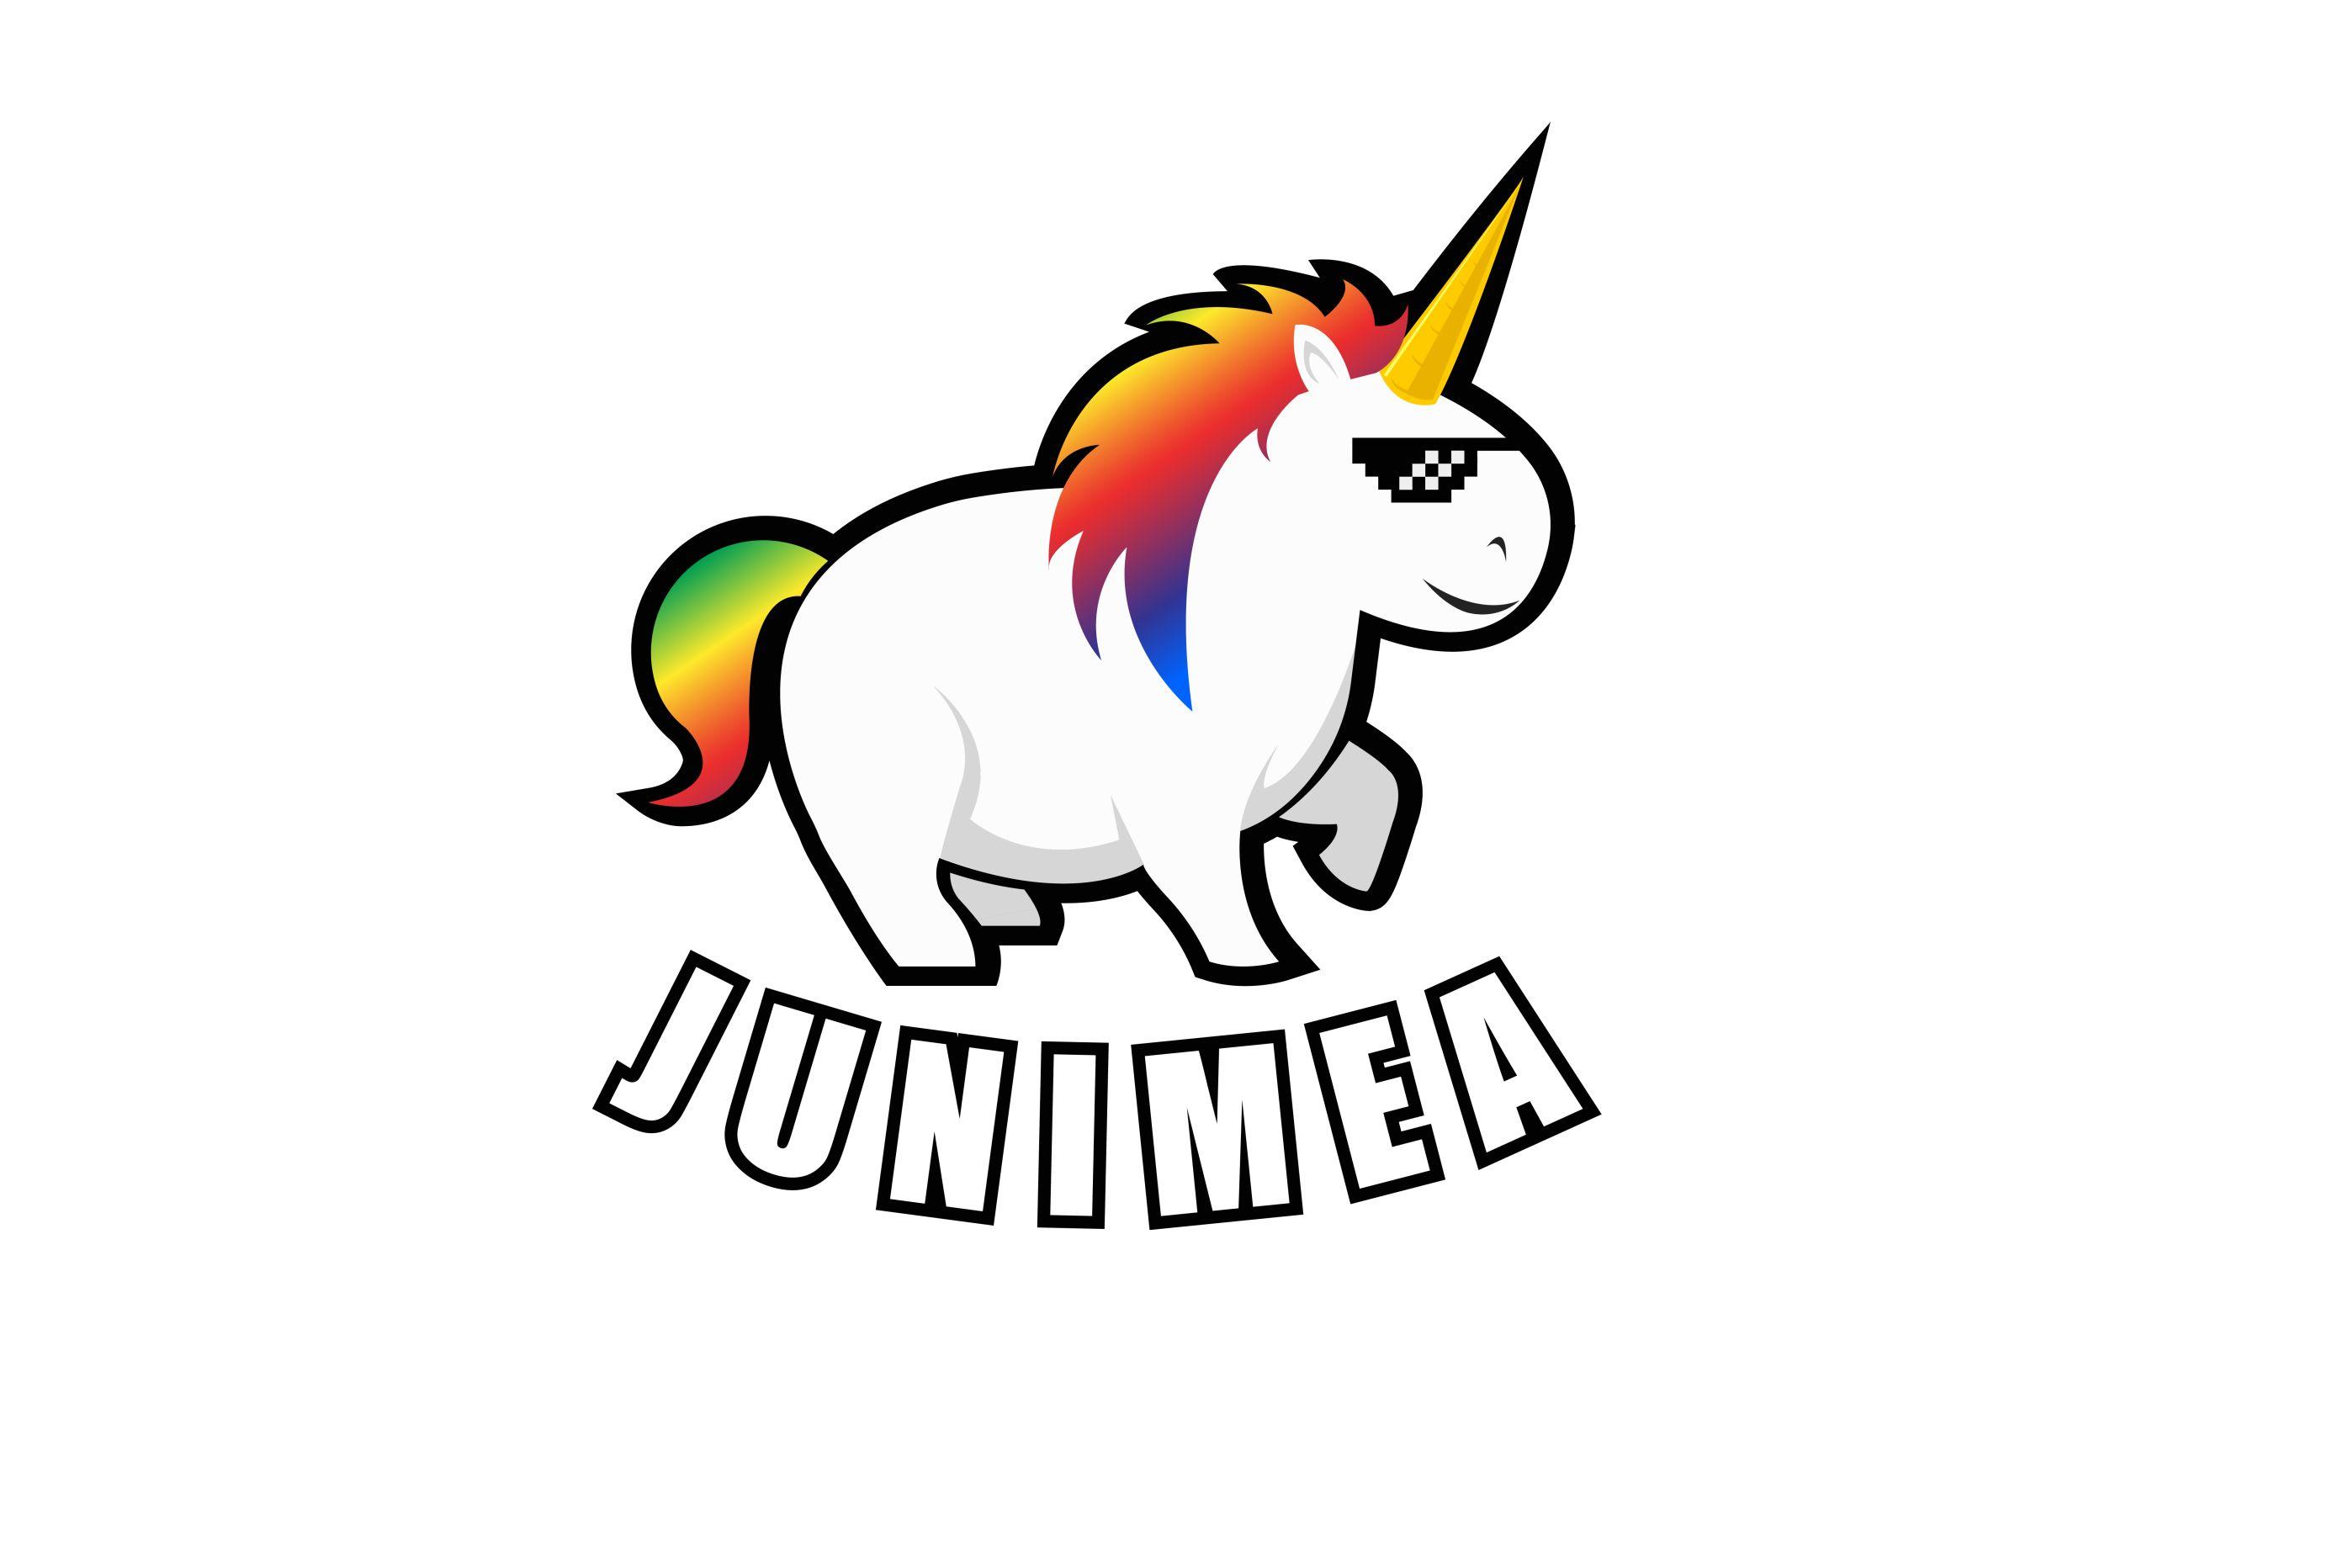 Am găsit o utilitate a Facebookului și se cheamă Junimea